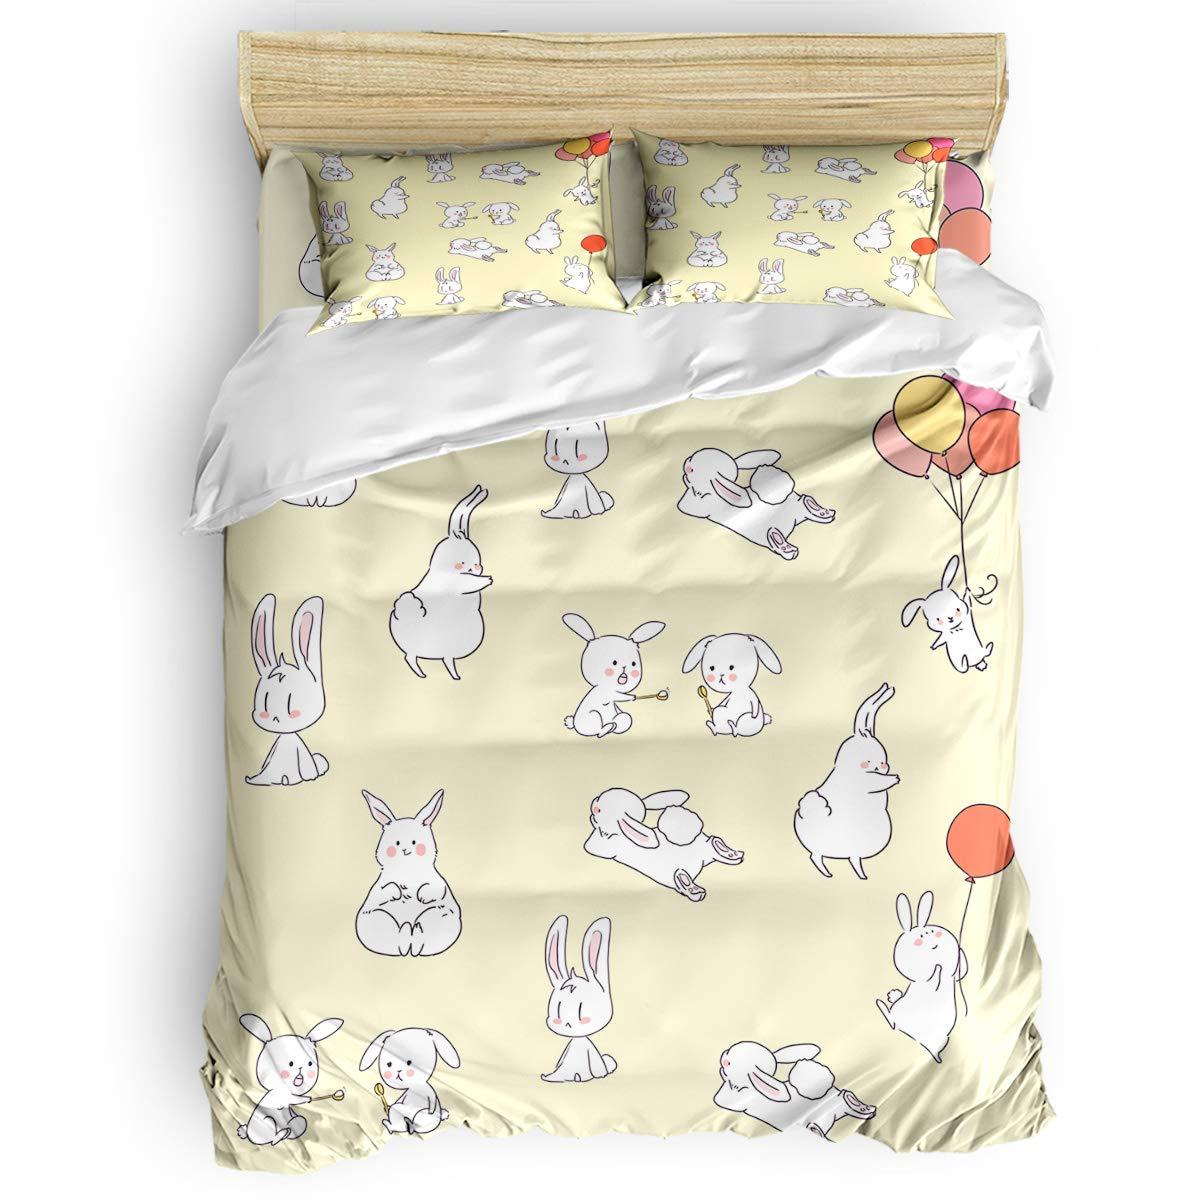 寝具4点セット 女の子 男の子 子供 大人用 白うさぎ ハッピープレイ 羽毛布団カバーセット ウルトラソフト お手入れ簡単 シーツキルトセット 装飾枕カバー付き キング B07NXQ3J8H Cartoon Rabbitplr2617 キング